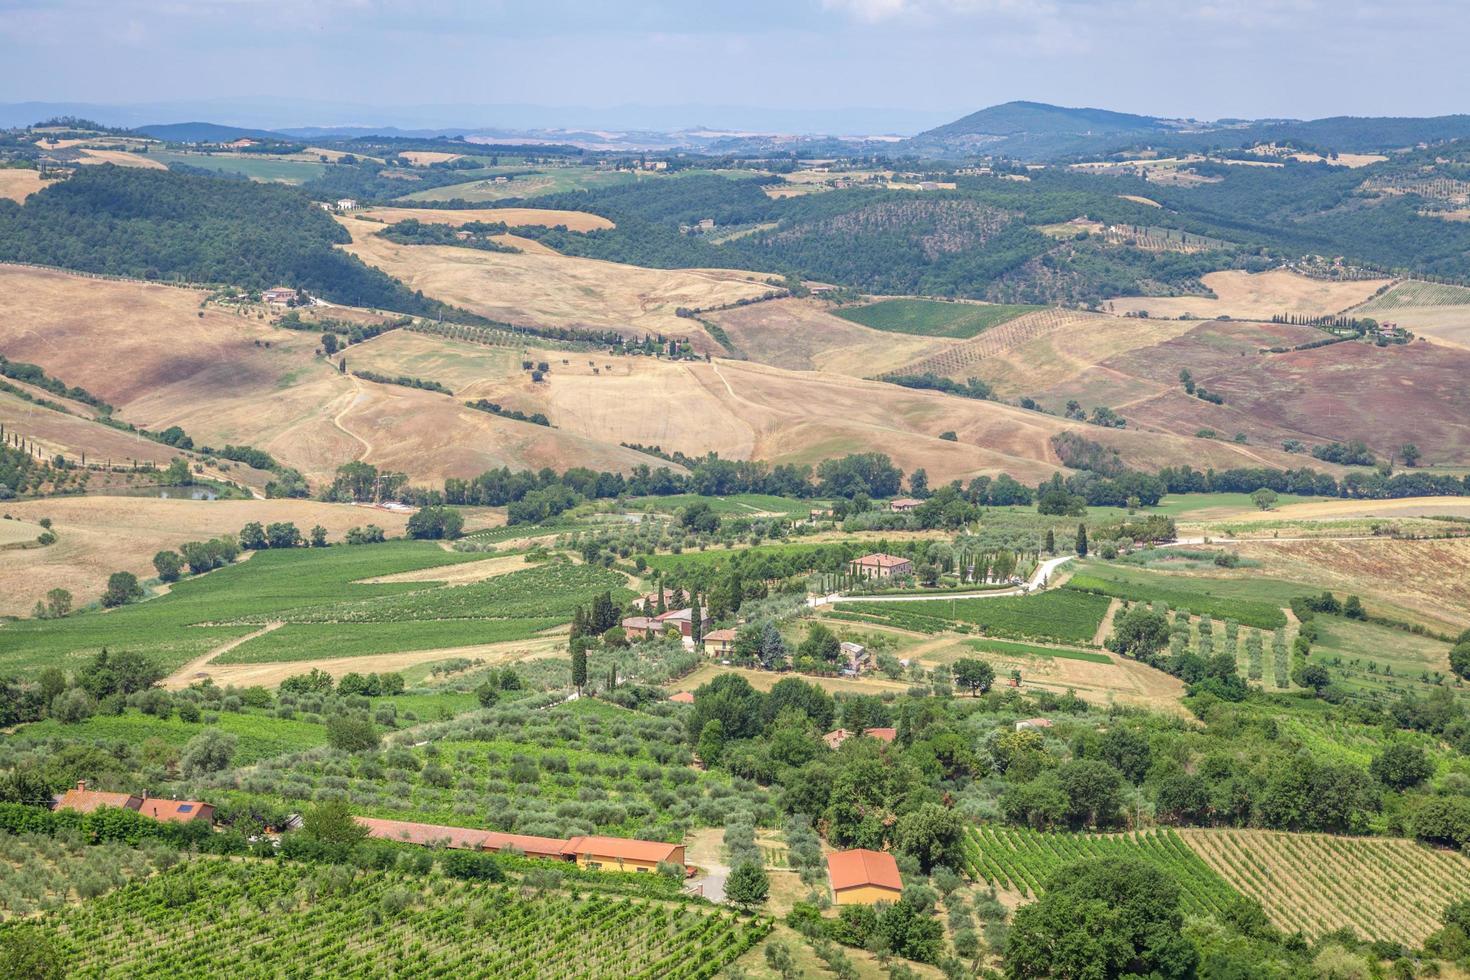 Toscana, Italien, 2020 - Flygfoto över ett landskap under dagen foto